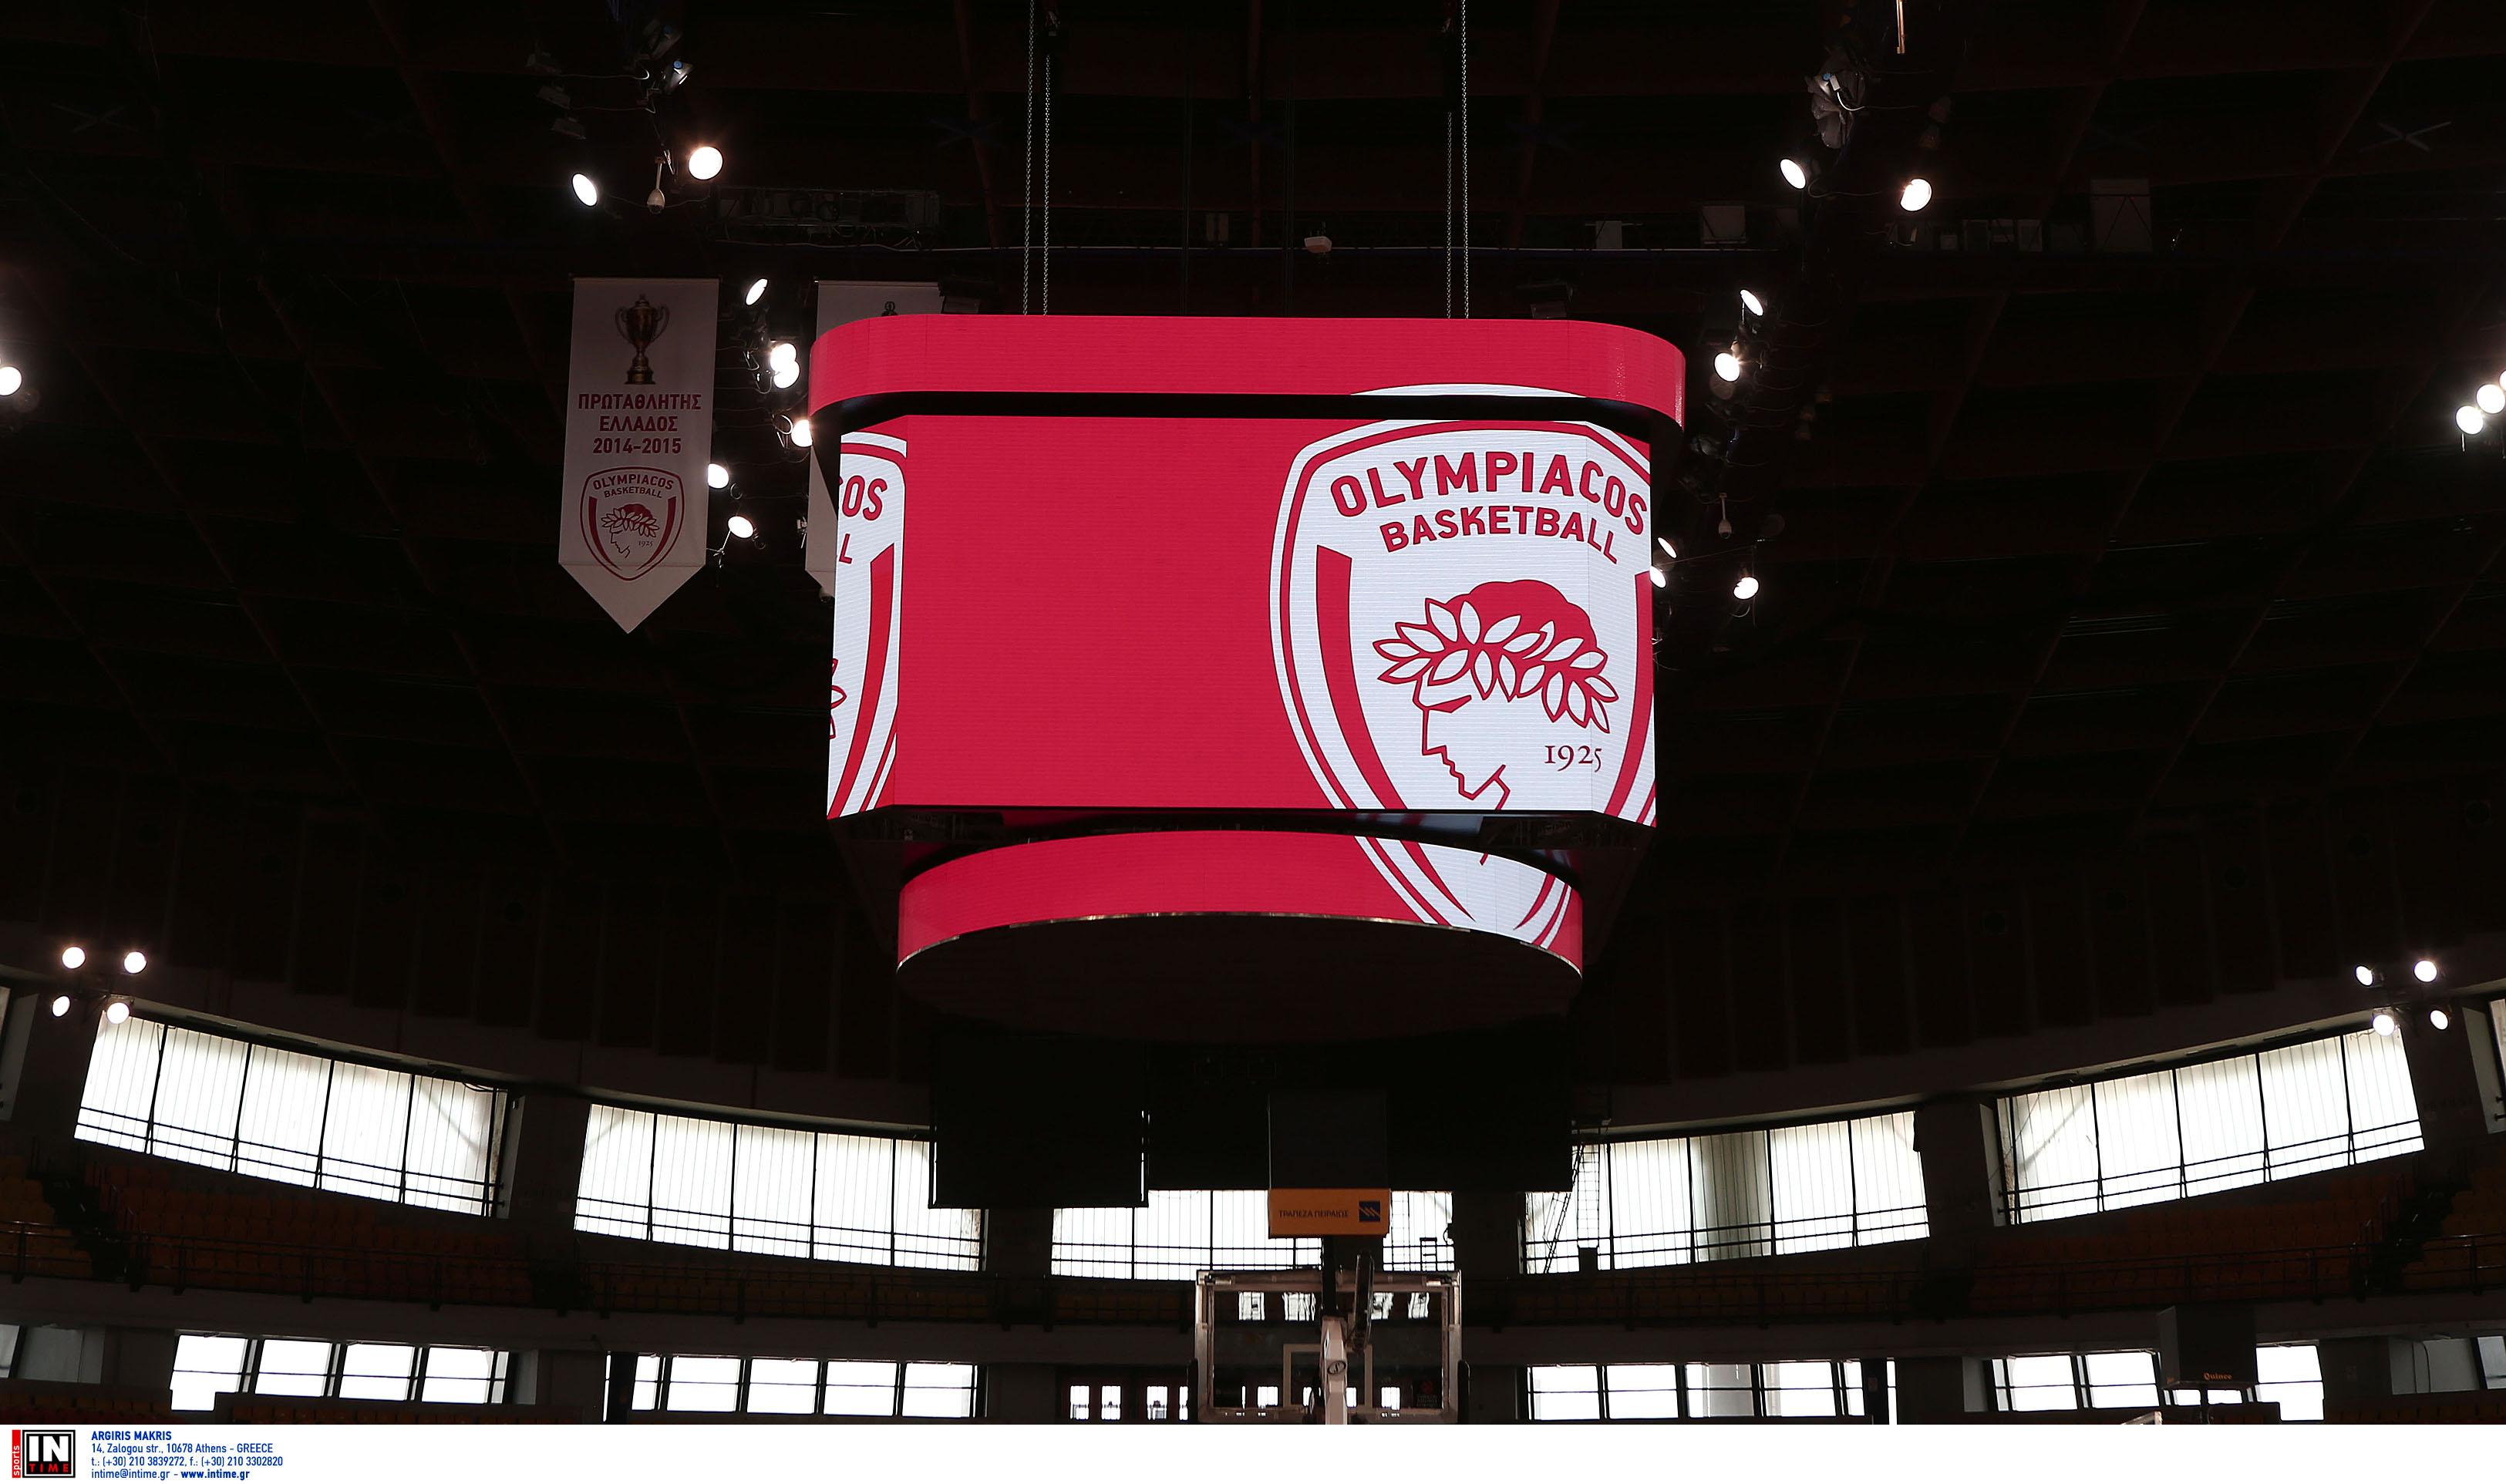 Ολυμπιακός: Ντεμπούτο για το Cube στο ΣΕΦ! Το μήνυμα της ΚΑΕ με όλες τις λεπτομέρειες